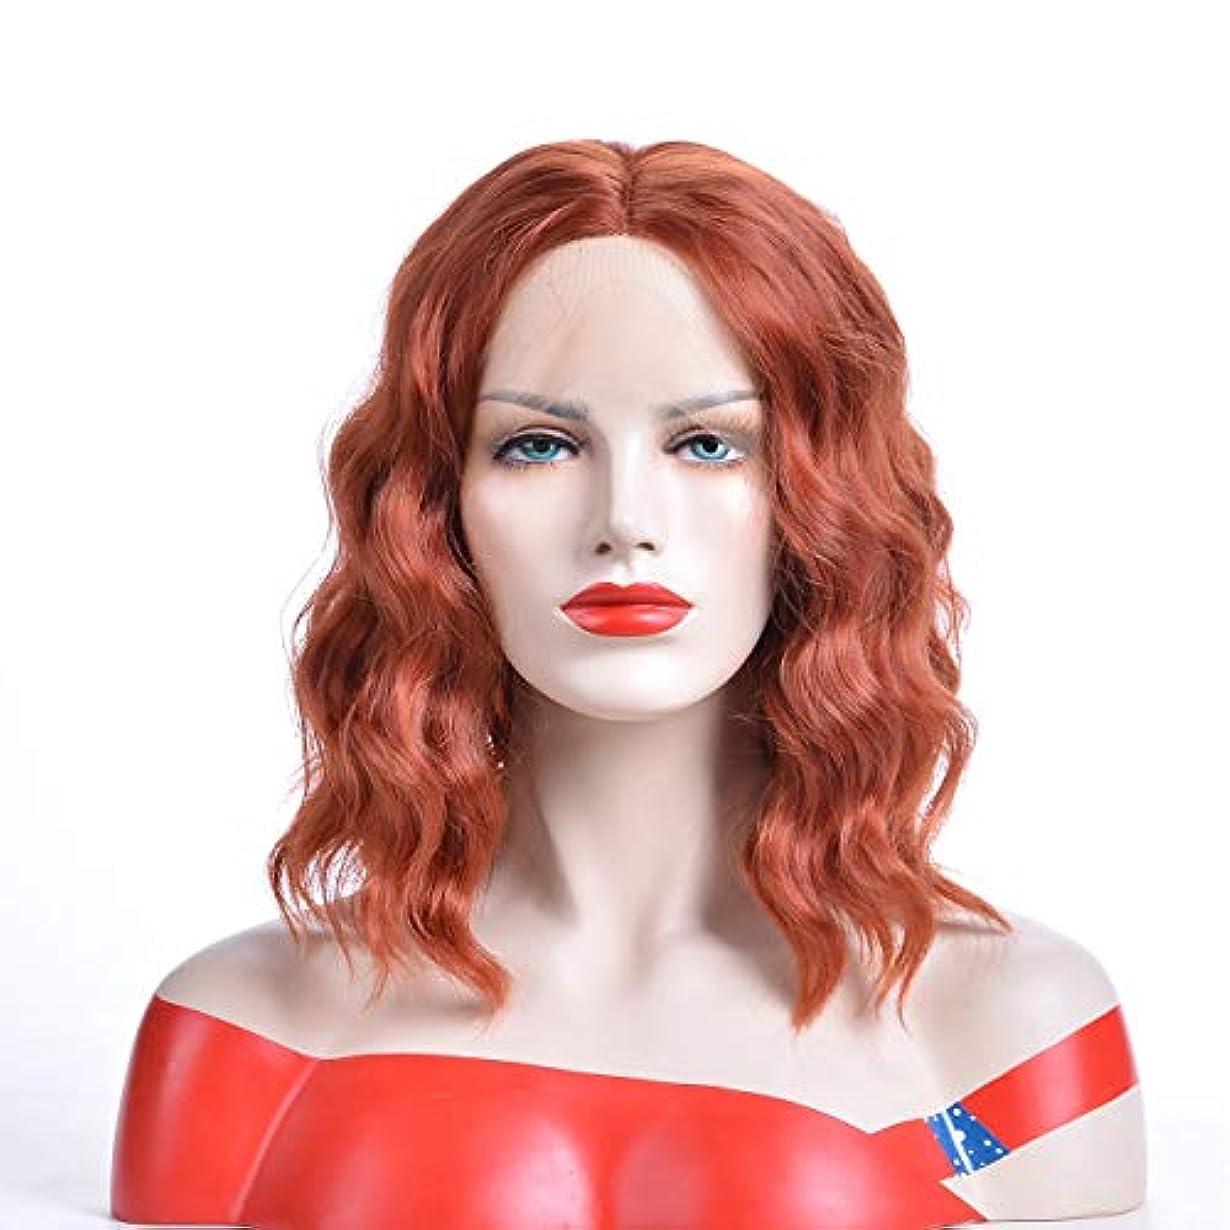 毒嵐の複製YOUQIU 21「」ショート波状カーリーブロンドレッド女性の女の子の魅力的な合成かつらコスプレハロウィンウィッグ耐熱ボブ?パーティーウィッグウィッグ (色 : Blonde Red, サイズ : 21